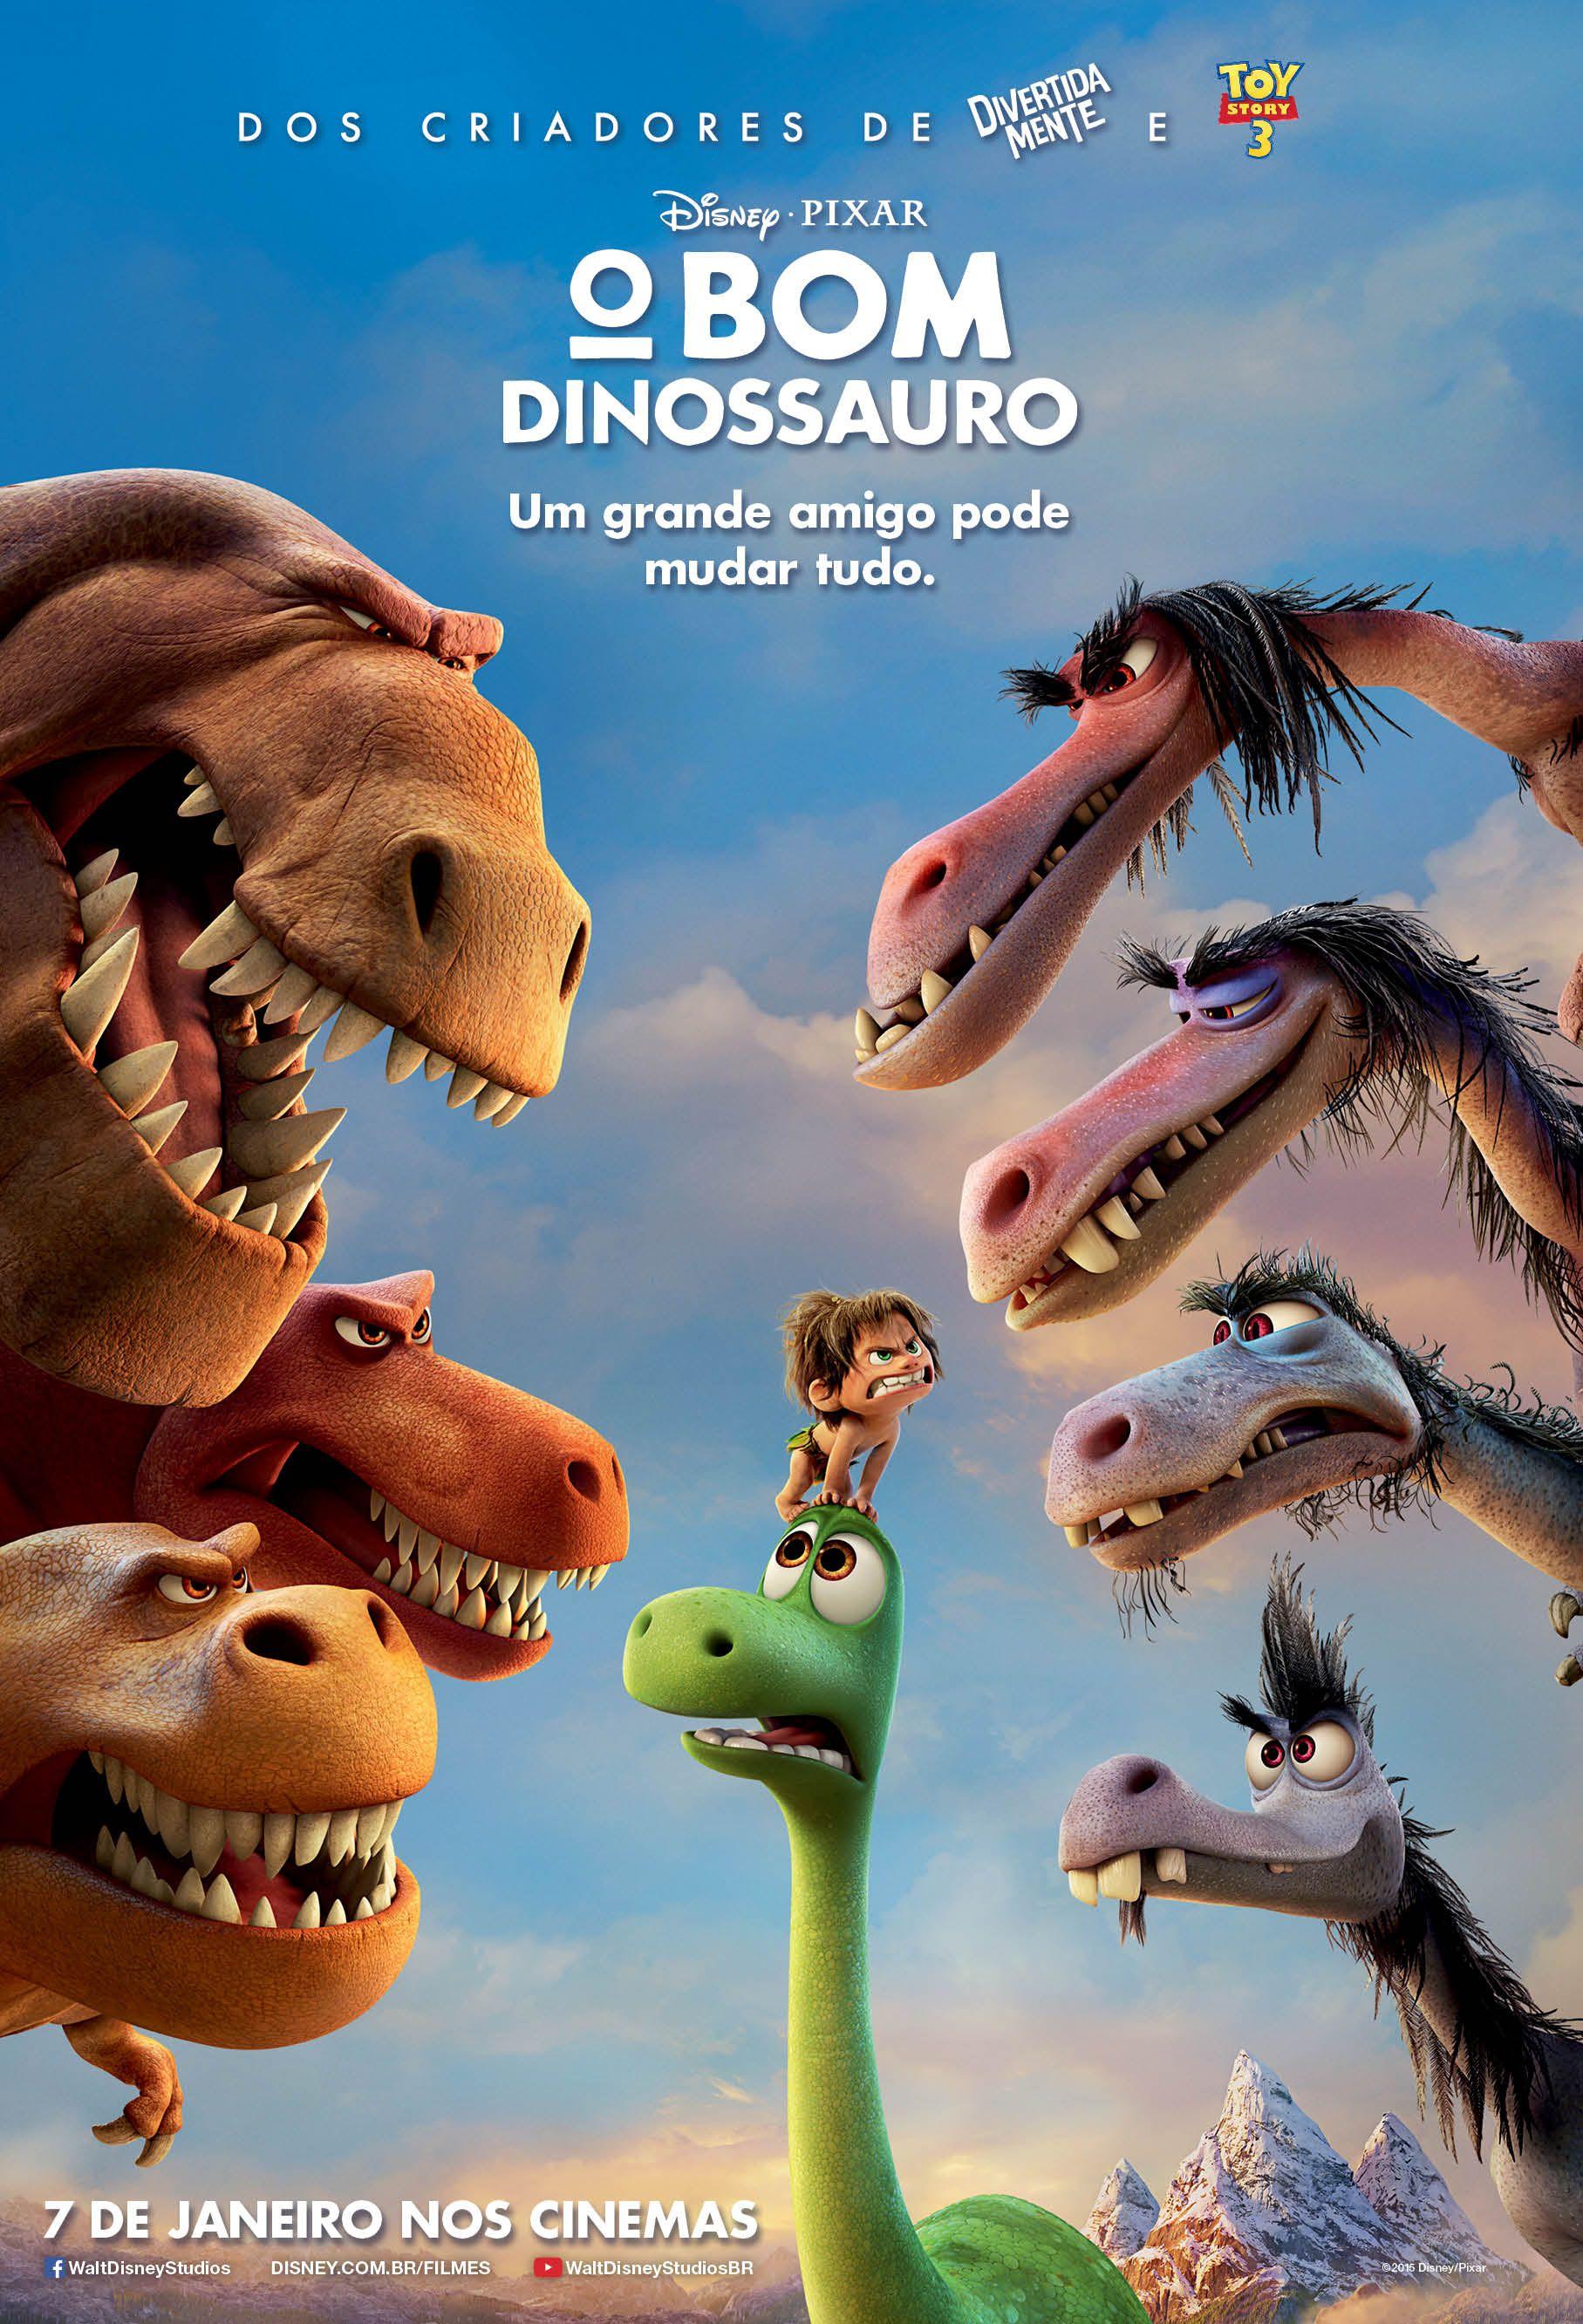 O Bom Dinossauro Estreia Dia 07 01 2016 O Bom Dinossauro